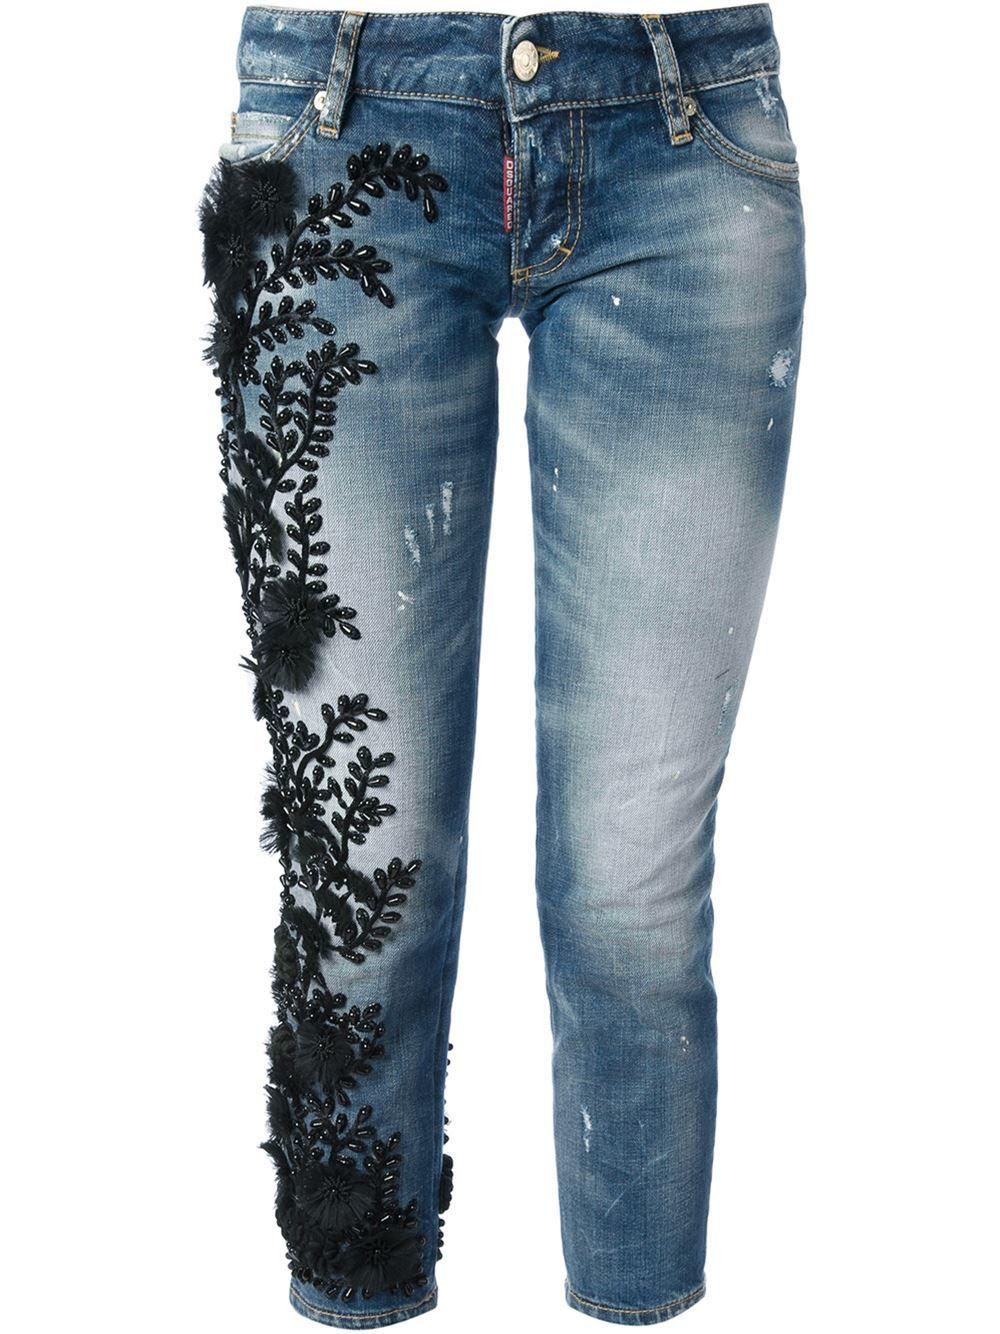 les 25 meilleures id es de la cat gorie dsquared jeans sur pinterest tenues chaudes pour l. Black Bedroom Furniture Sets. Home Design Ideas